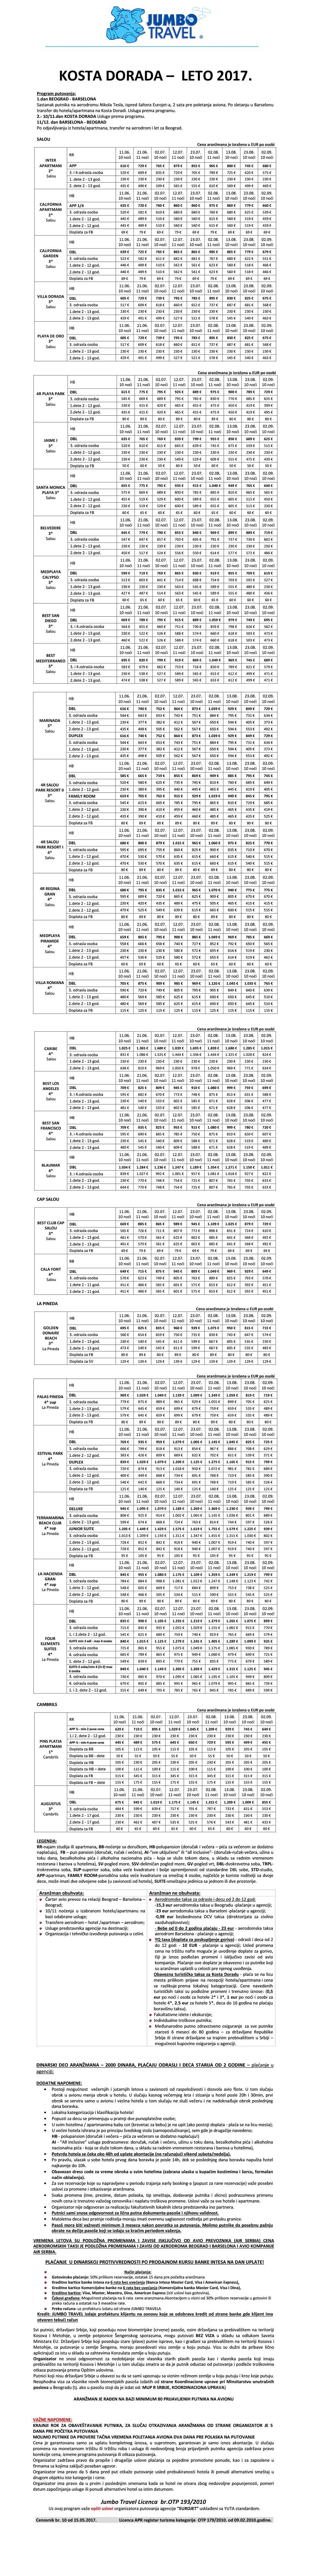 KOSTA DORADA carter leto 2017 - cenovnik broj 10. vazi od 15.05.2017